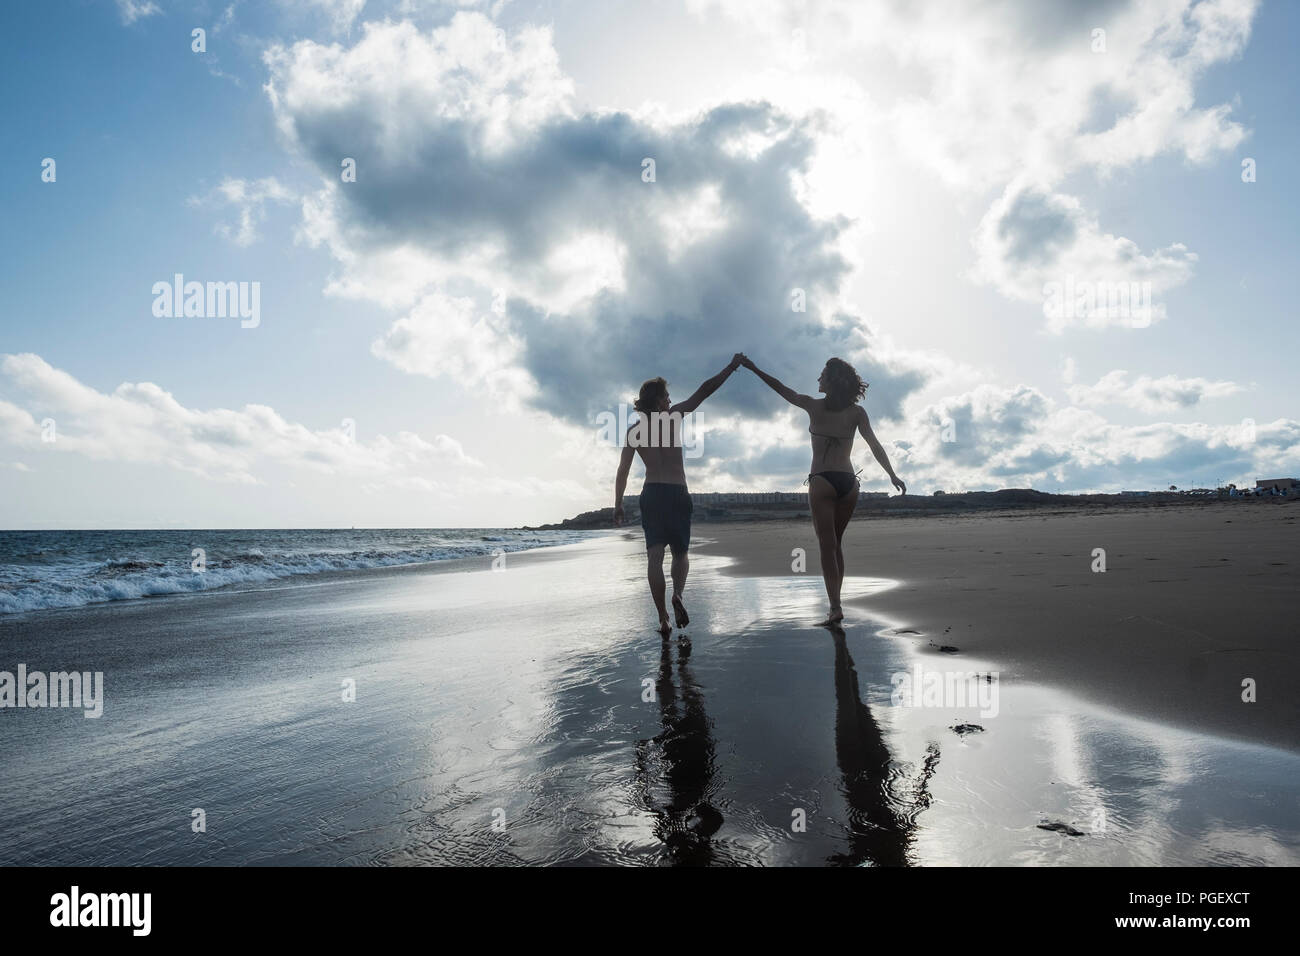 Bonheur et joyeux concept pour couple de jeunes gens magnifiques vu de dos marchant sur la rive de toucher les mains l'autre. l'amour et les amis Banque D'Images